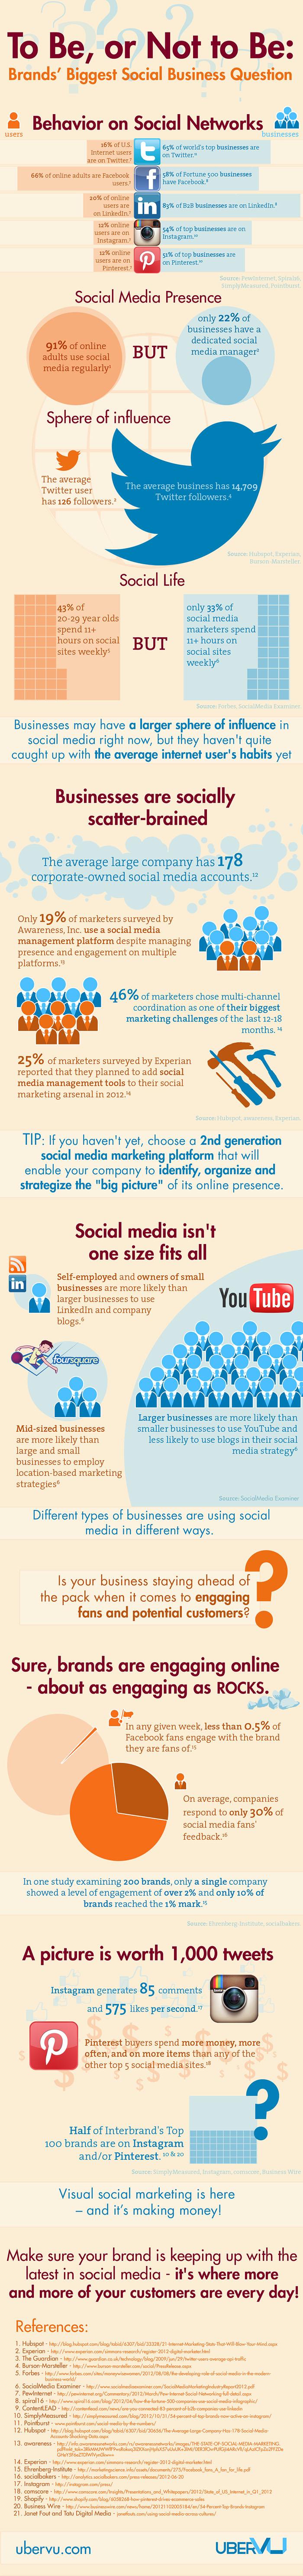 El ser o no ser de las marcas en Redes Sociales